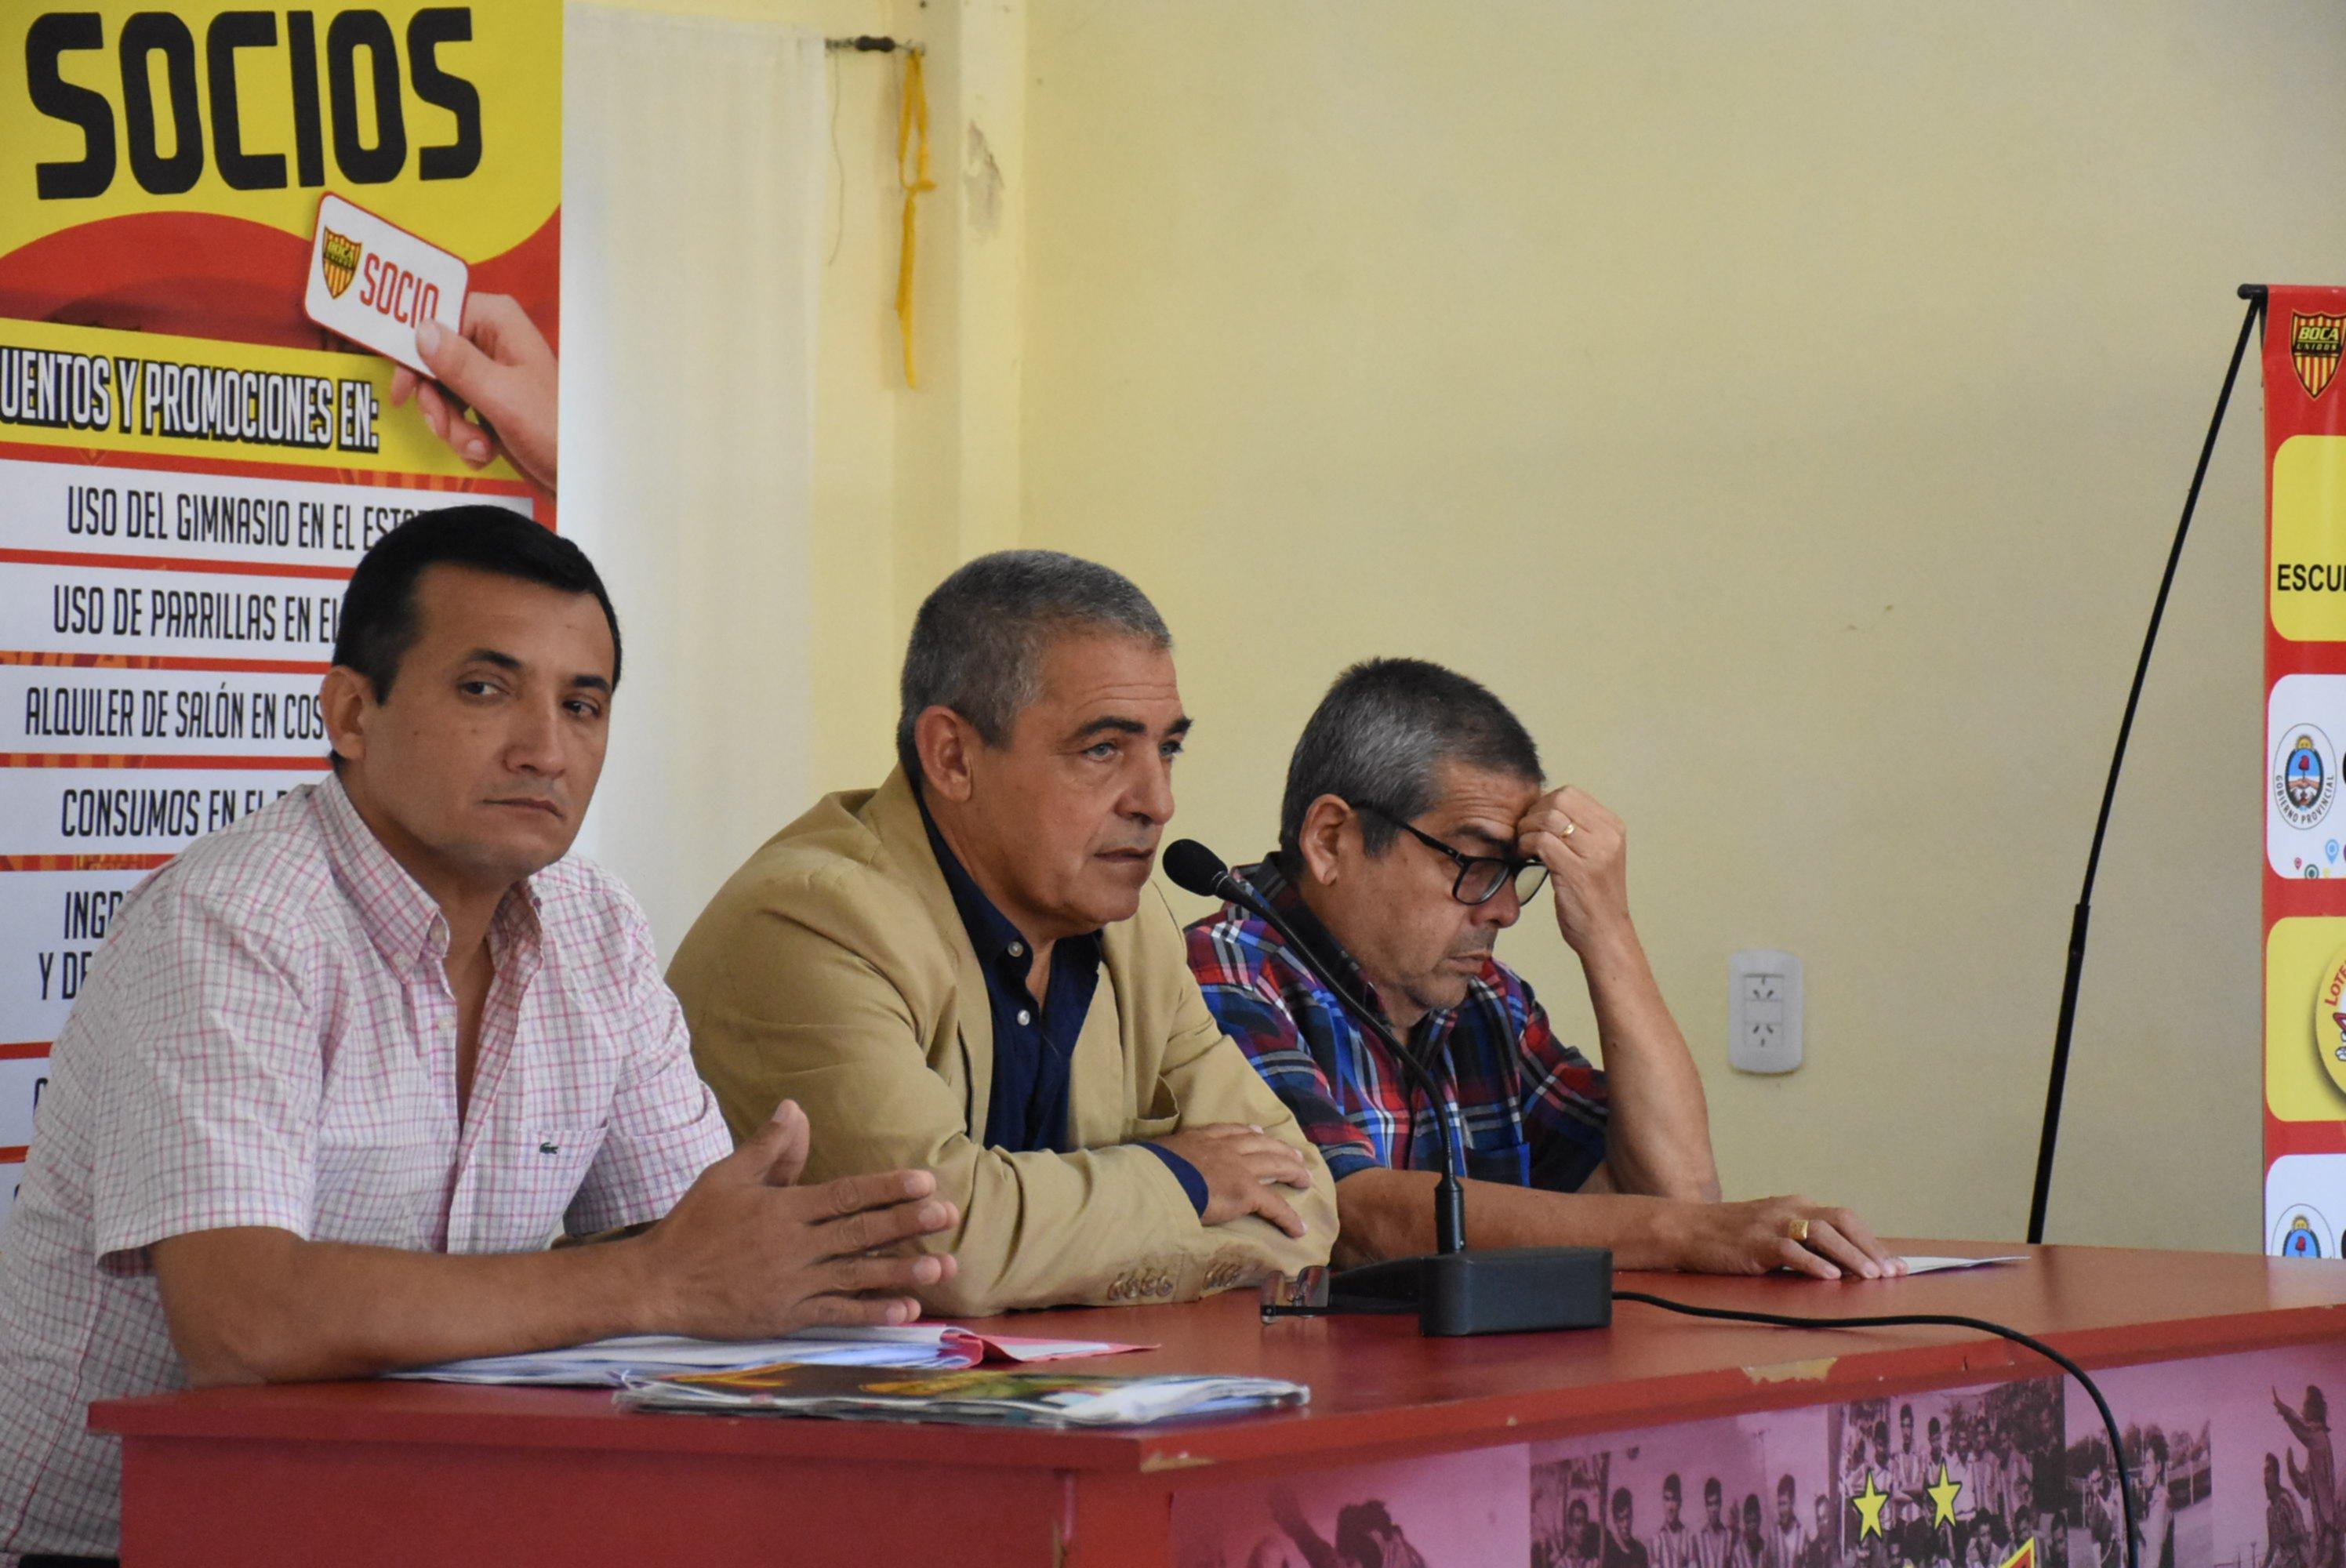 <p>Presidente electo. Marcelo Benítez Insaurralde asistirá a la reunión en el Consejo Federal en representación de Boca Unidos.</p>